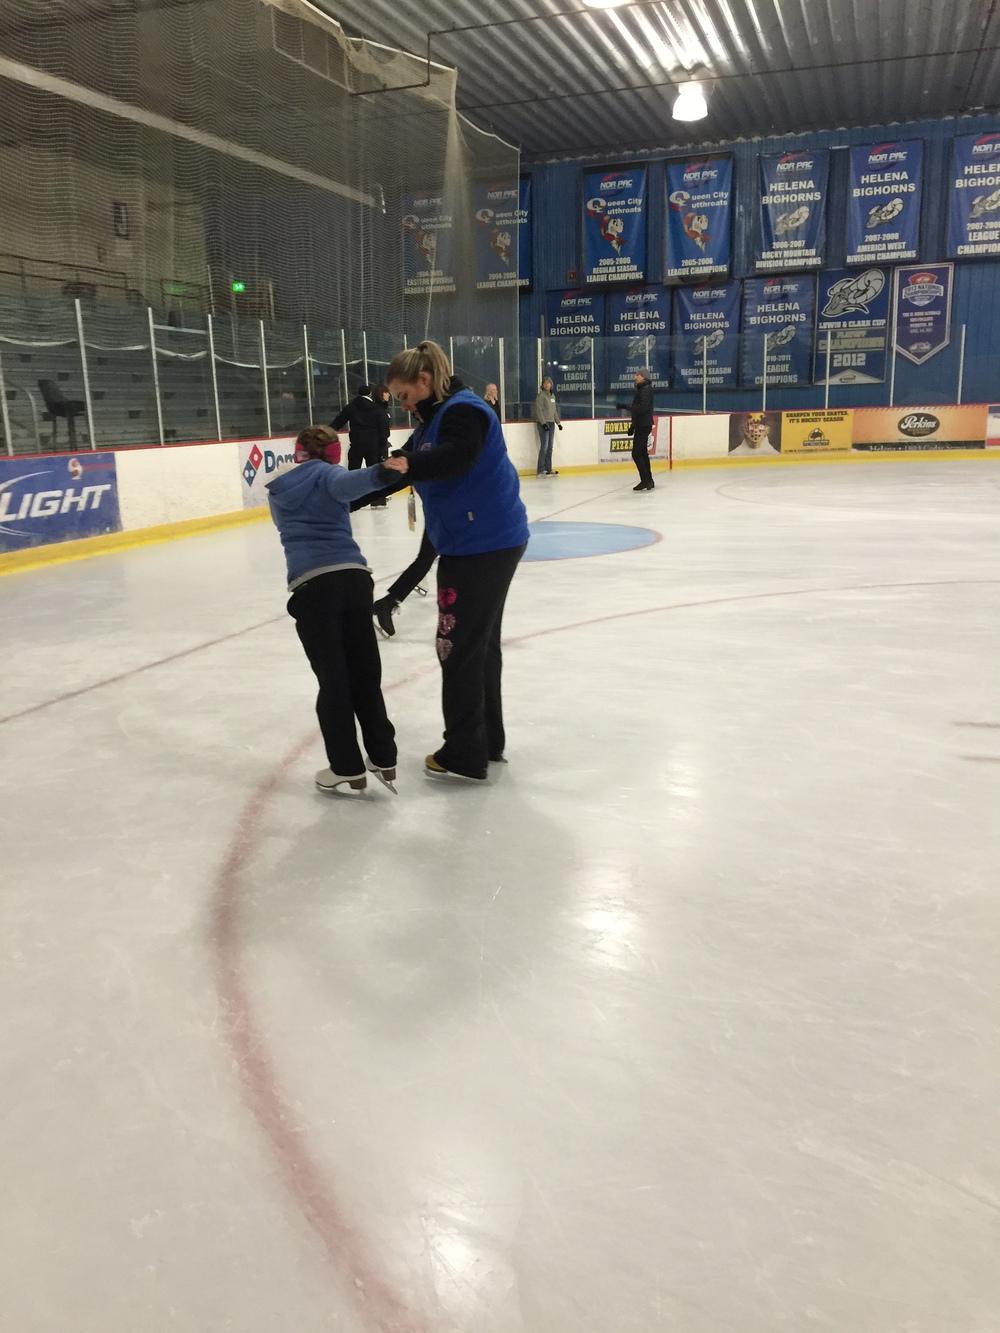 Freeskate 1 skater